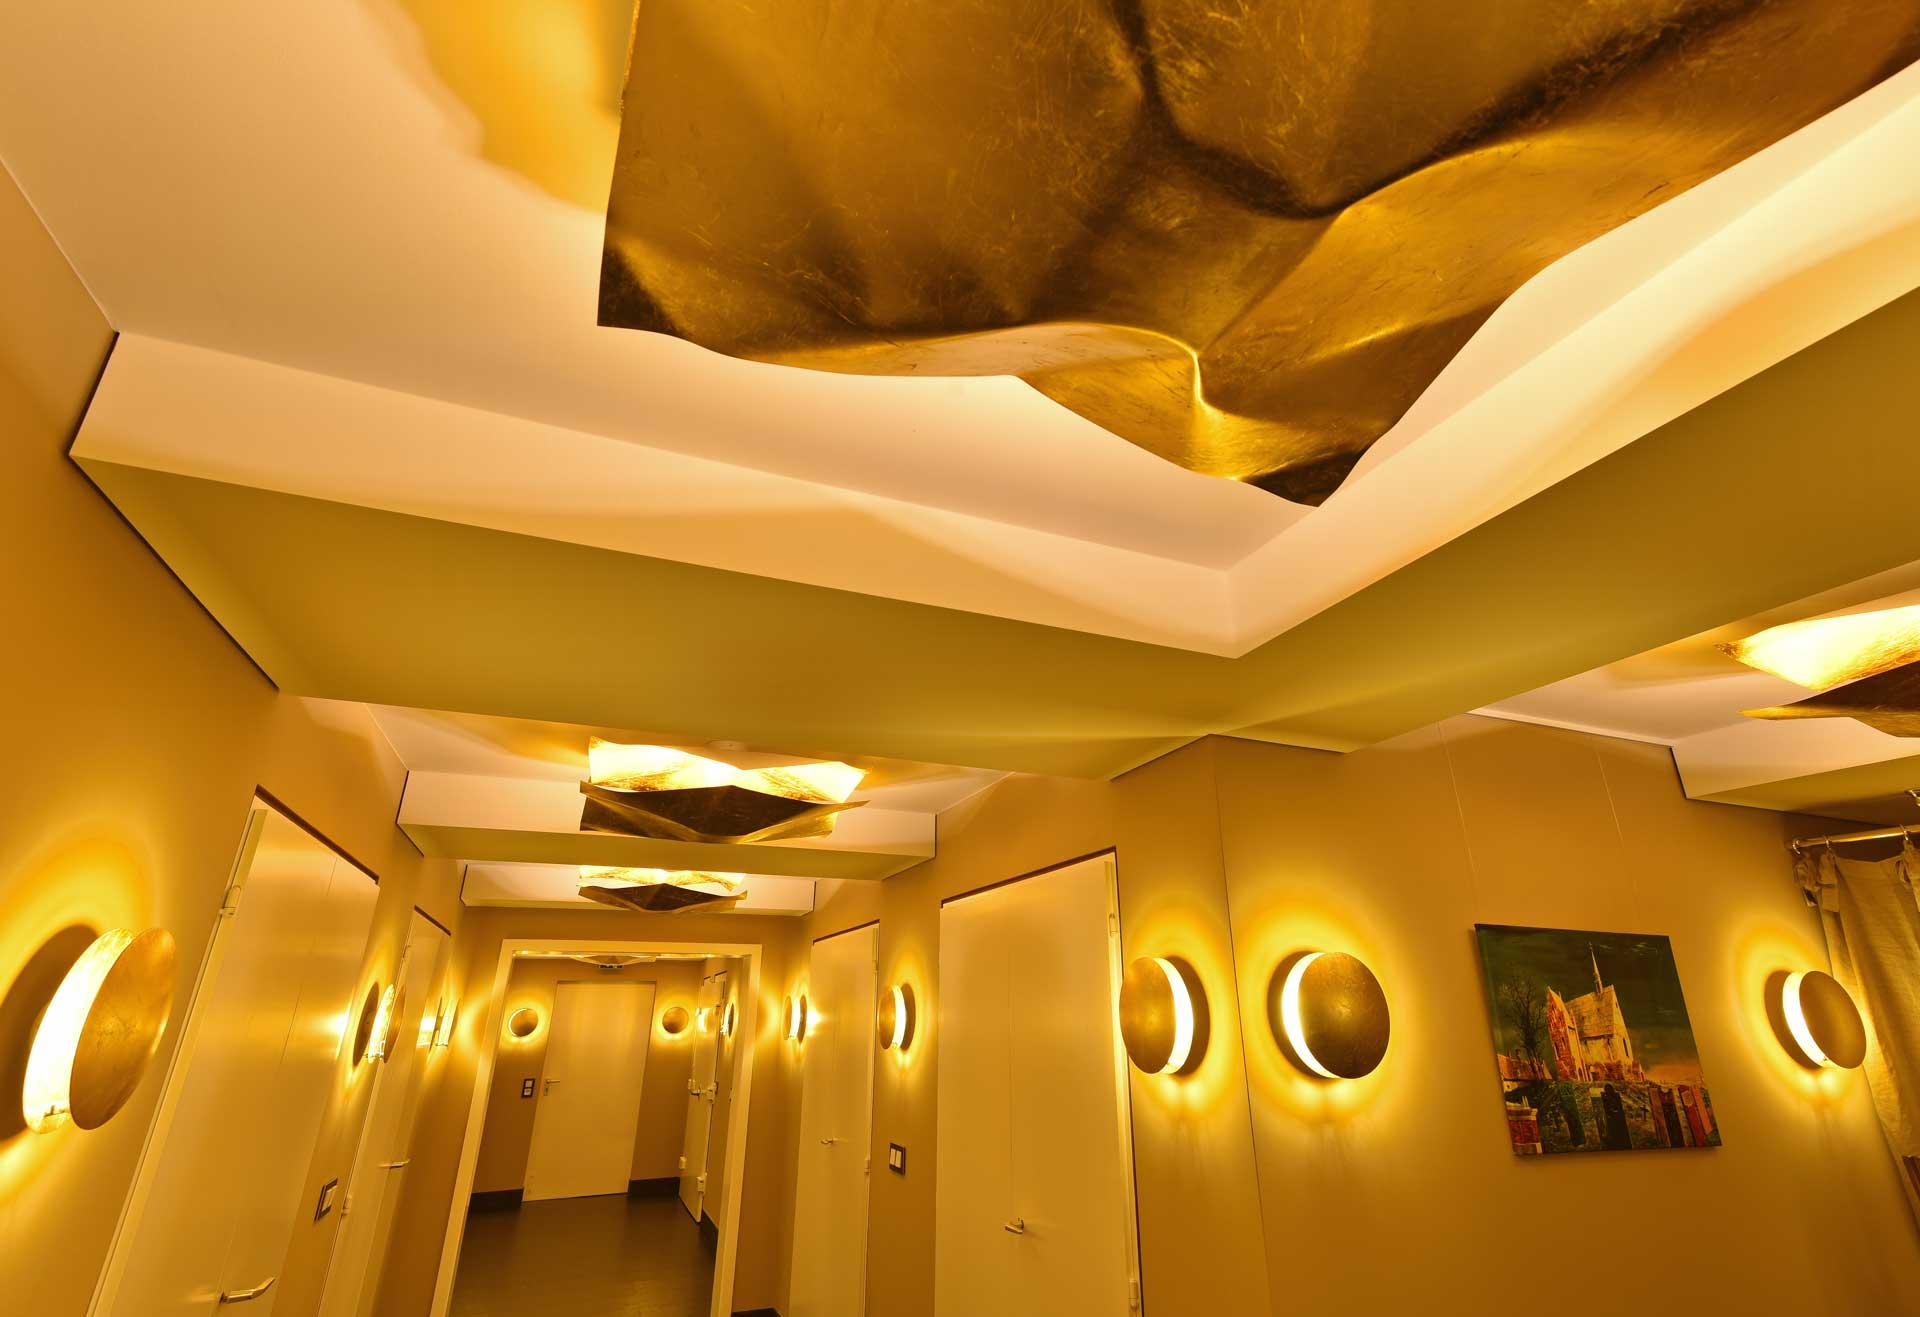 Lichtwirkung mit integrativem Gesamtkonzept für Flure des Bestattungsunternehmens Stolle